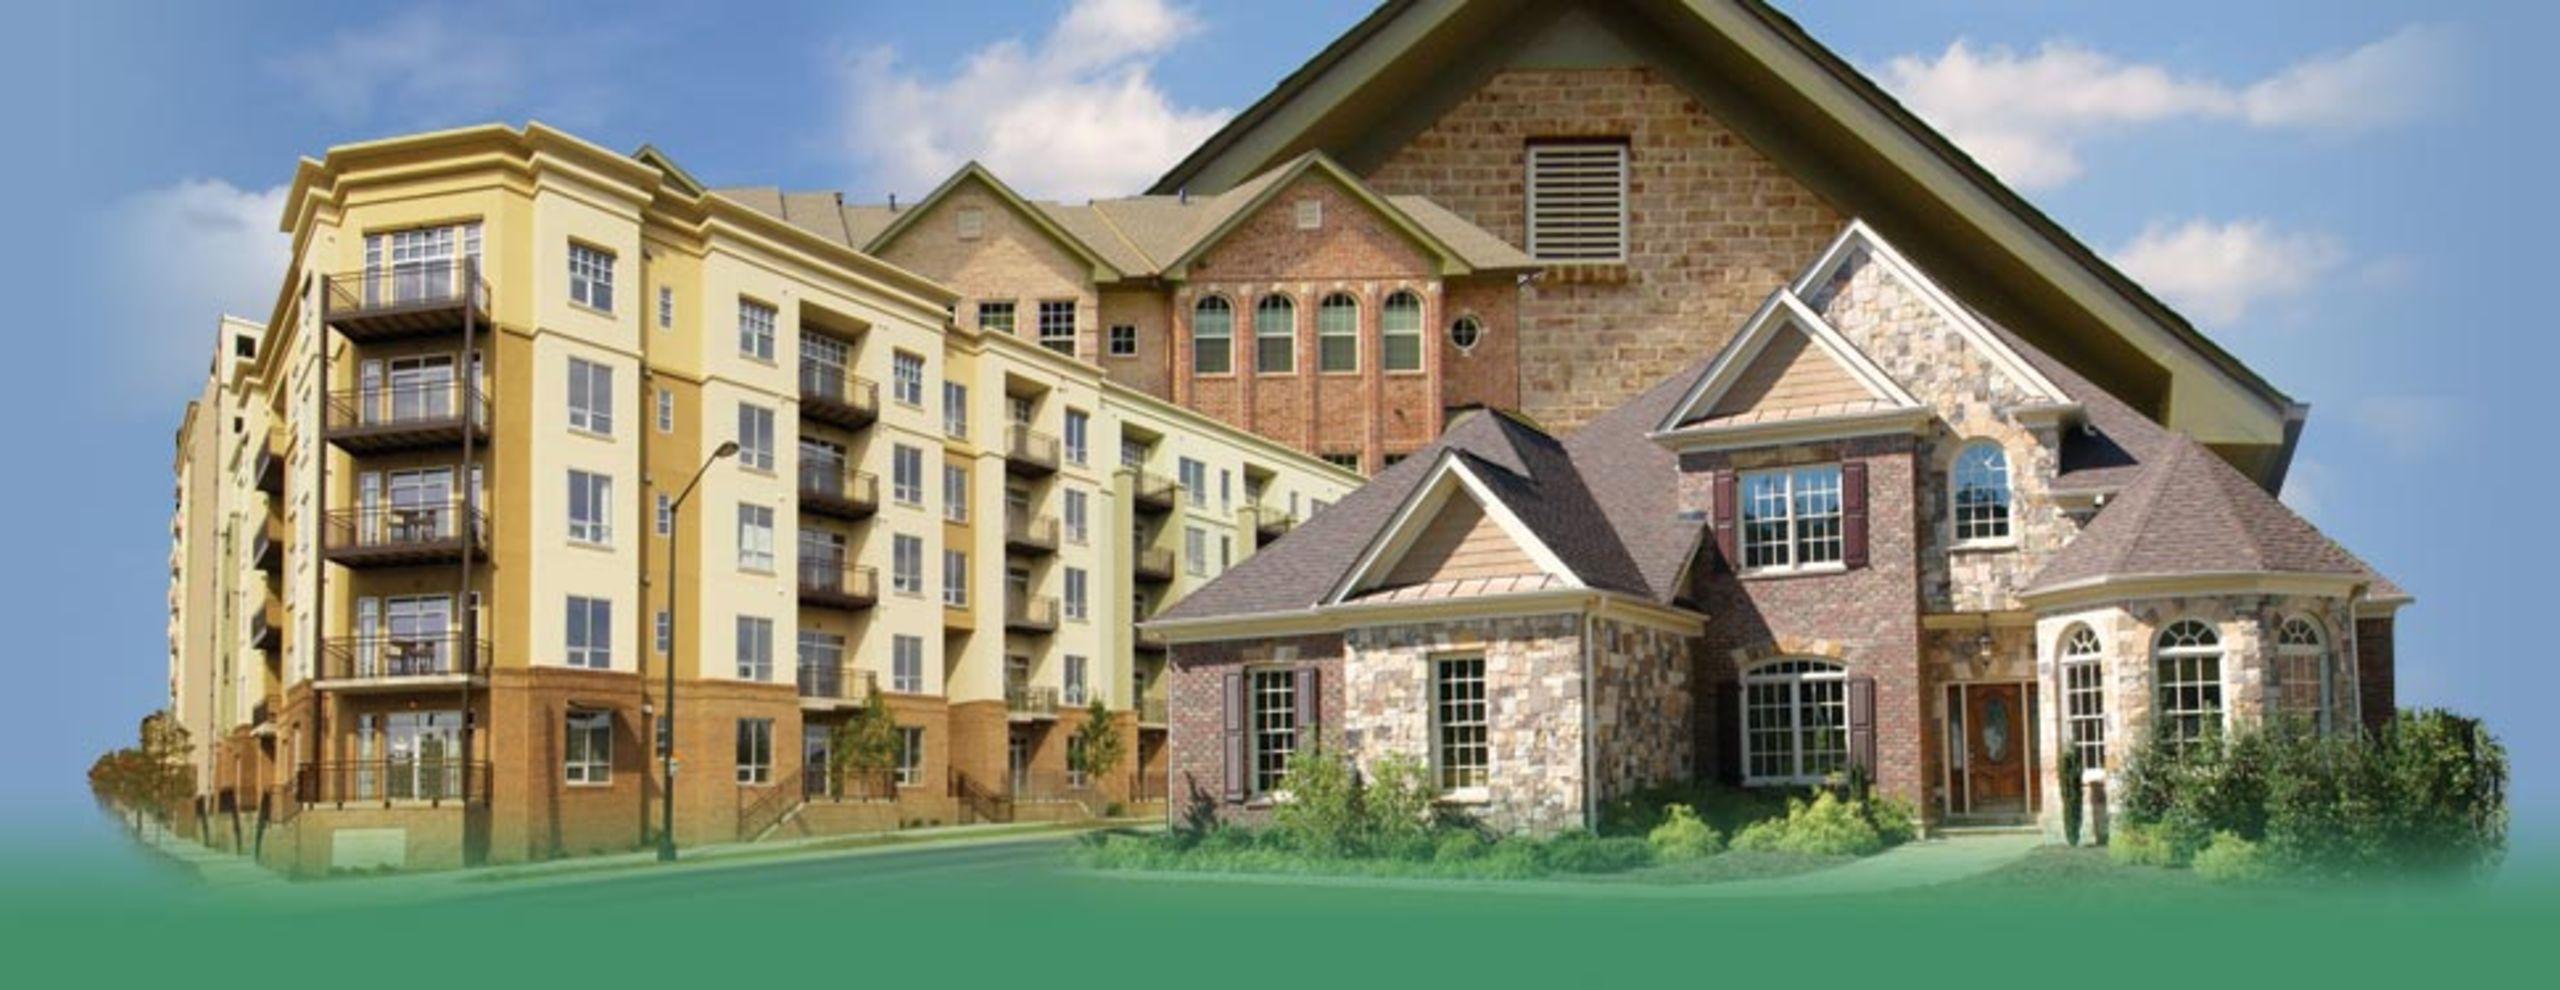 Search Austin Homes